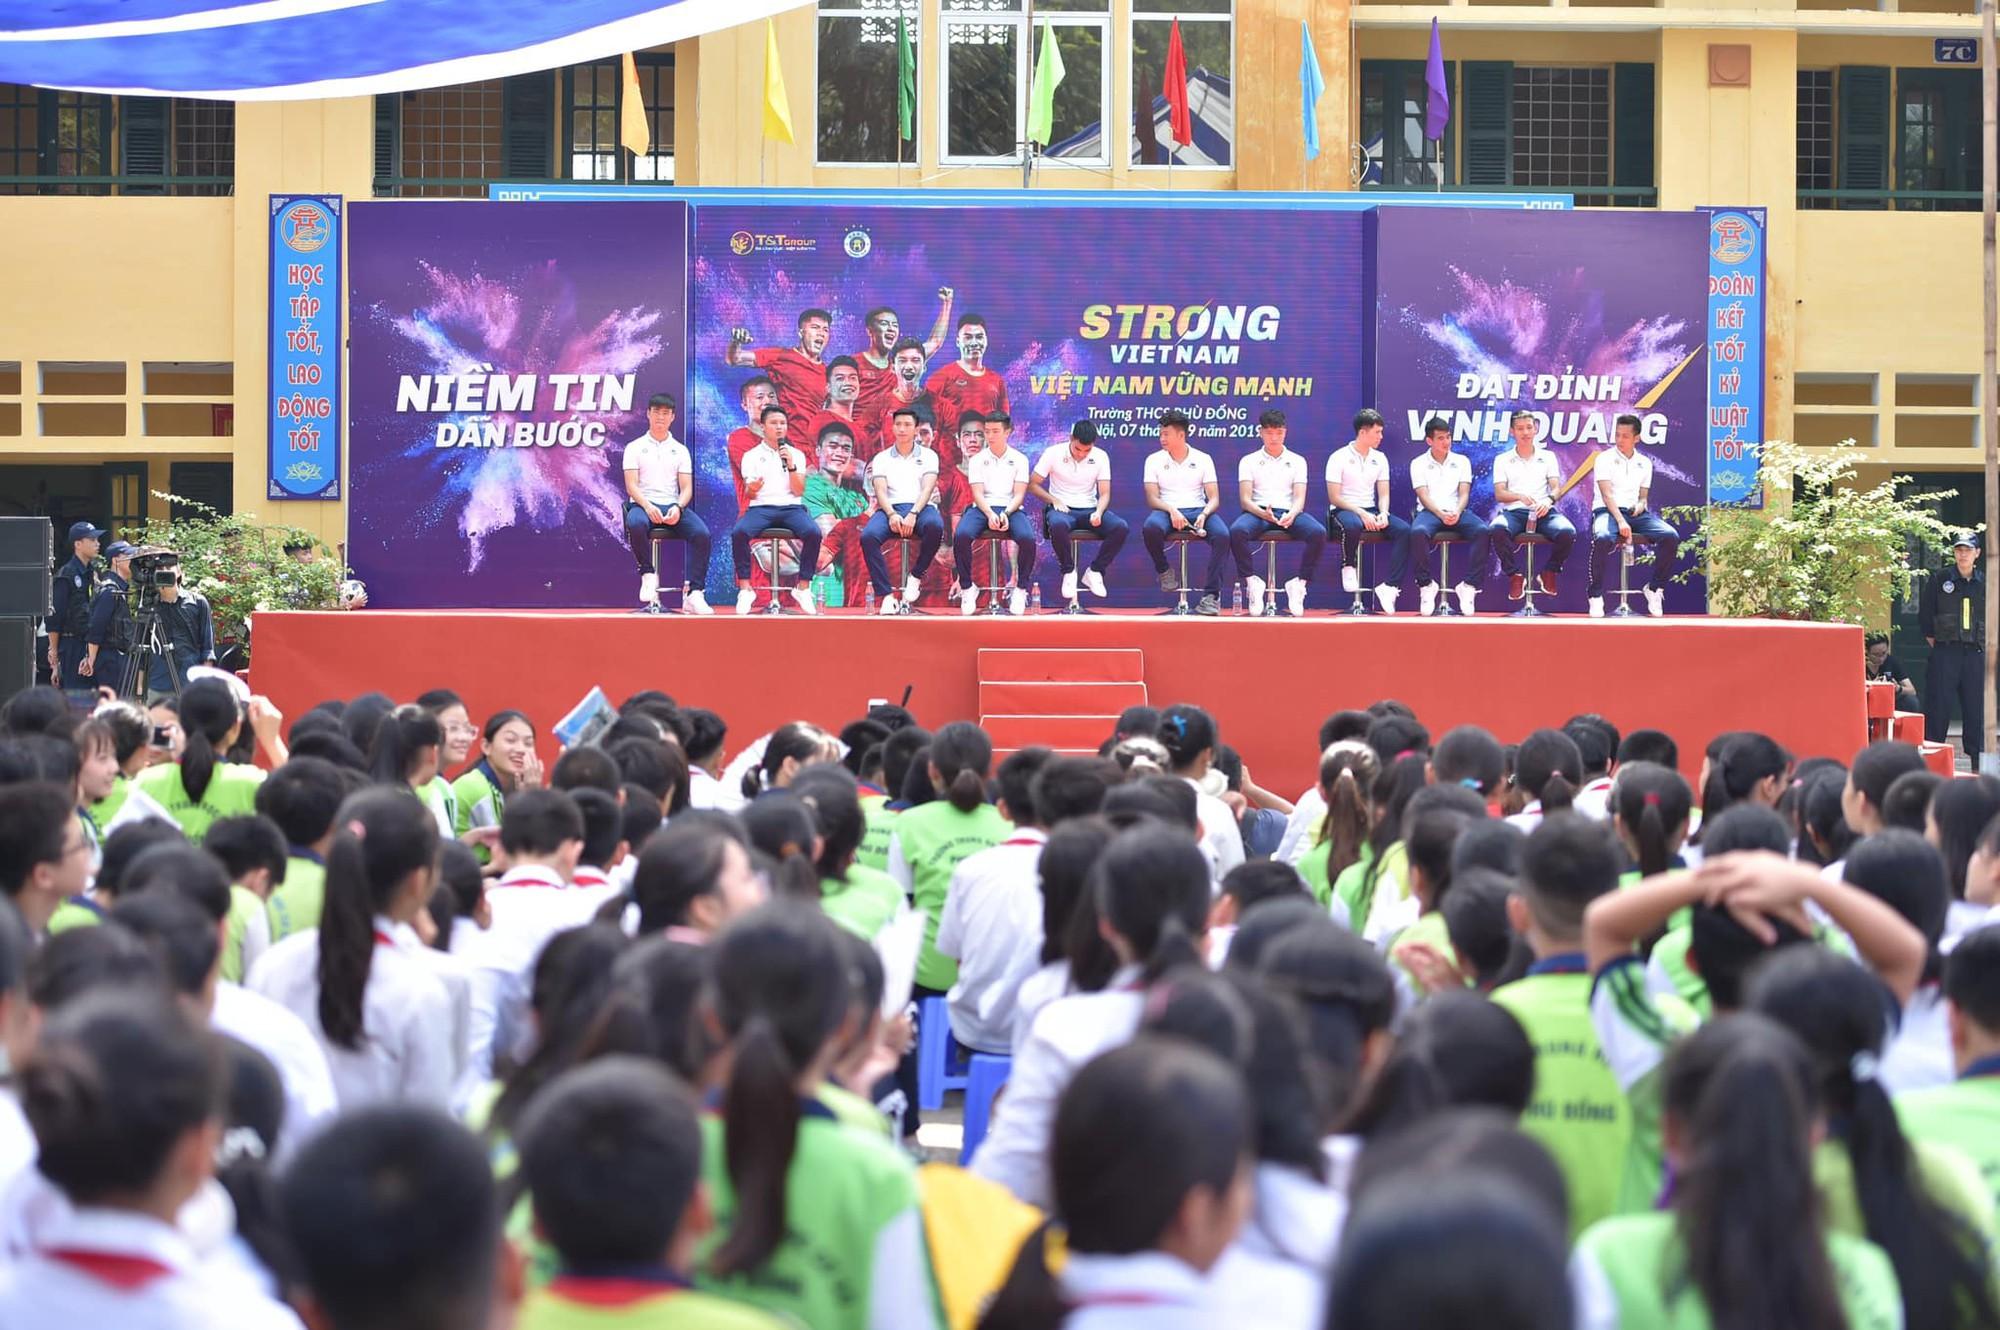 Quang Hải, Duy Mạnh và các cầu thủ Hà Nội FC khép lại hành trình thắp lửa giấc mơ Strong Vietnam - Ảnh 2.